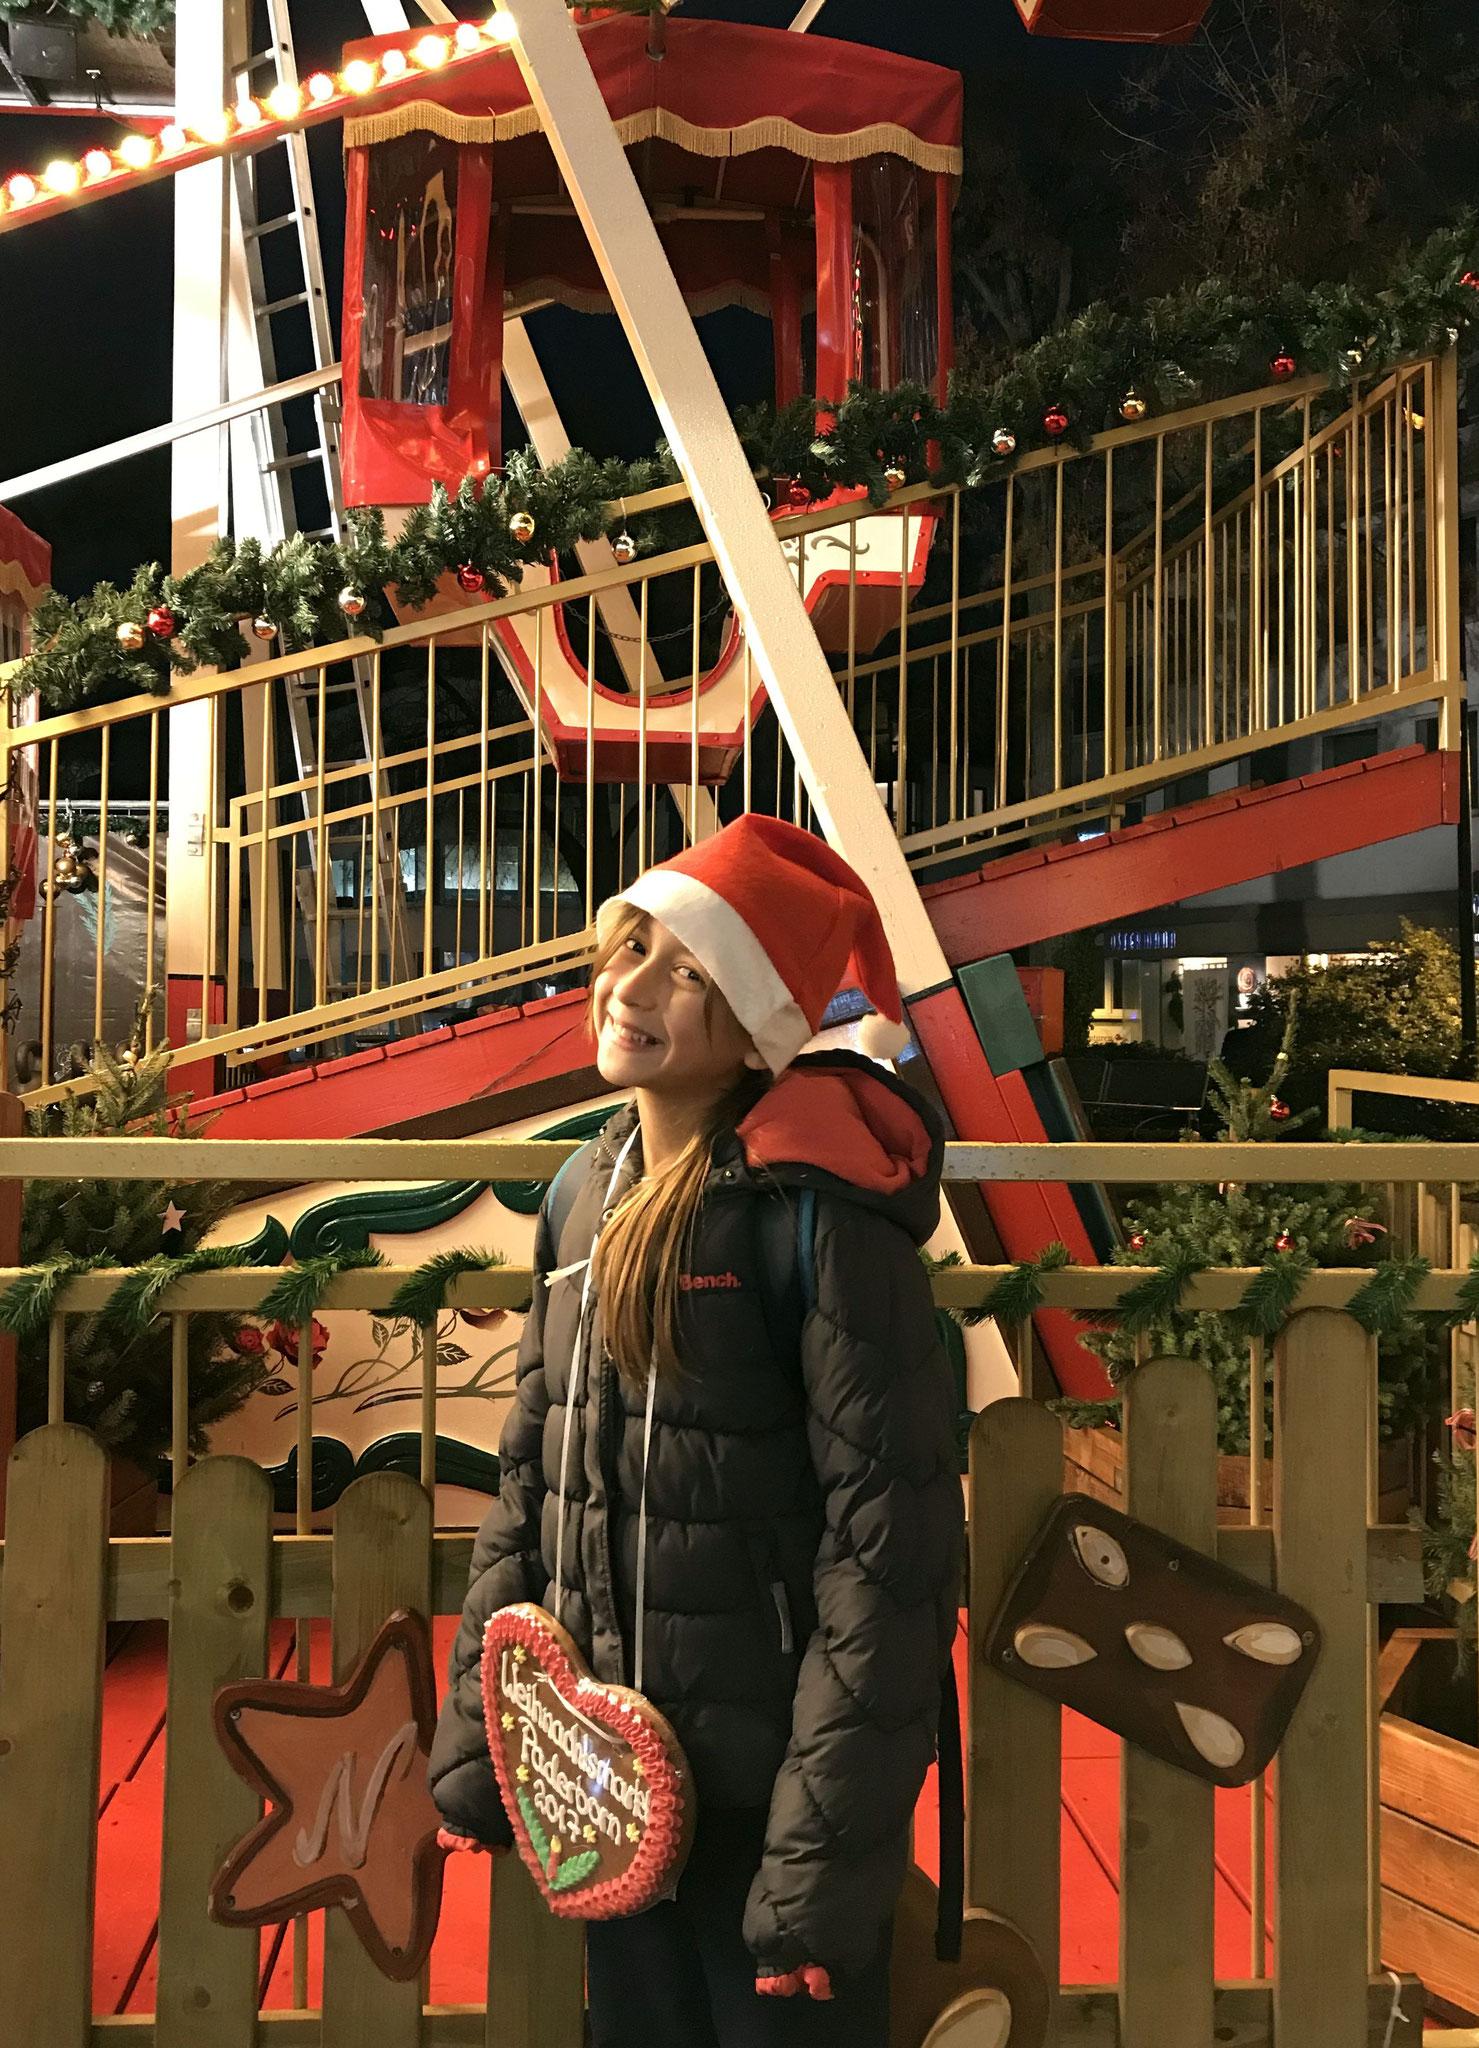 Weihnachtsfeeling im Dezember 2017